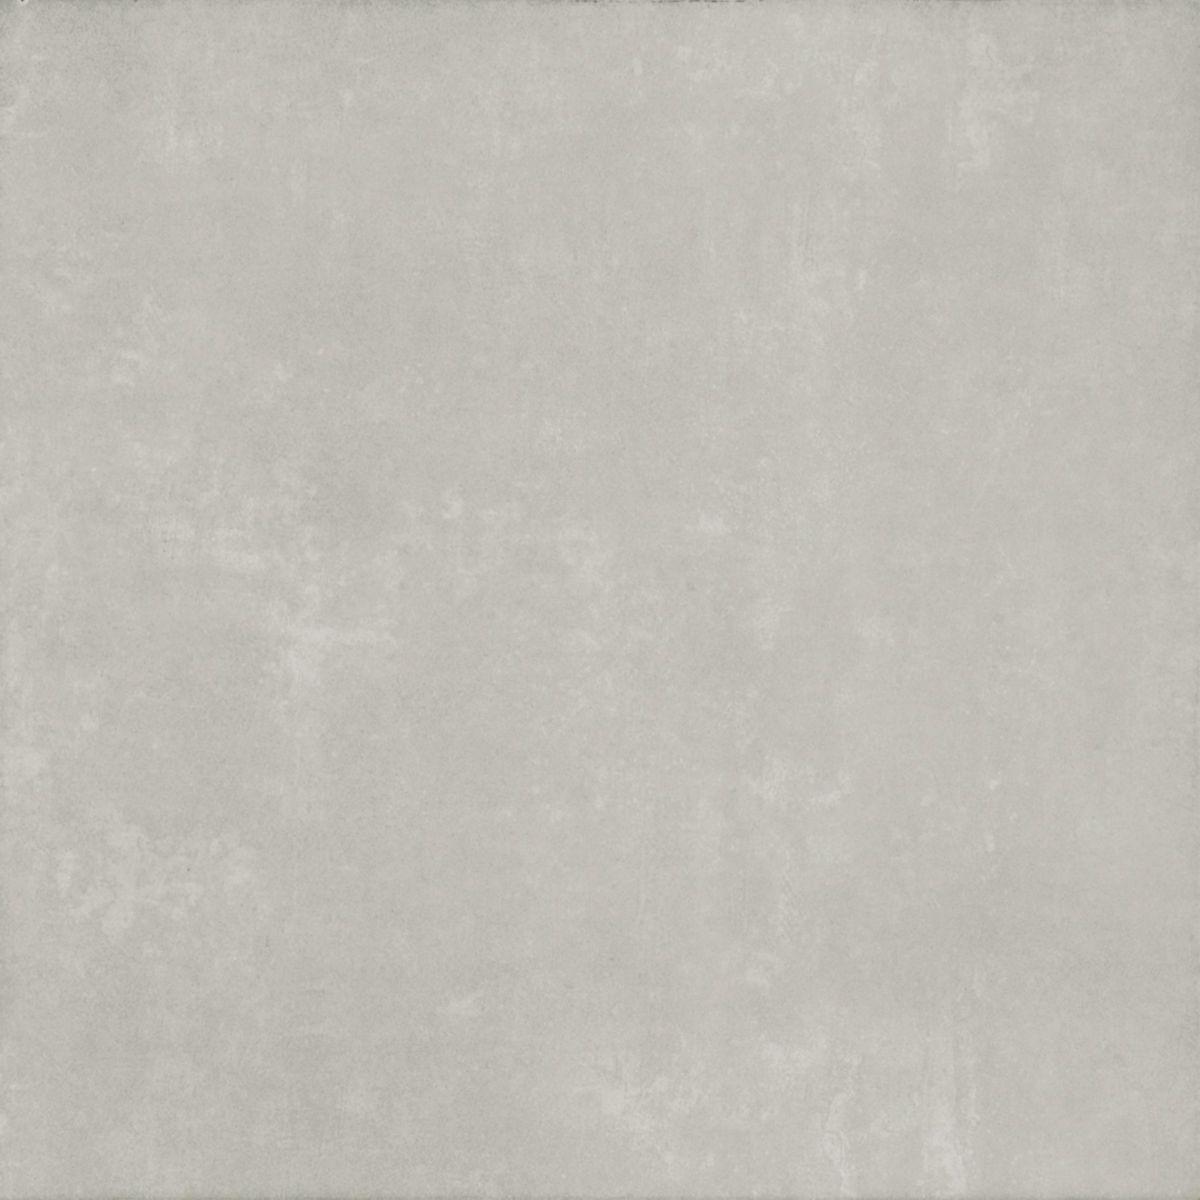 Carrelage sol grès émaillé Galaxy beige 45x45 cm tendance contemporaine